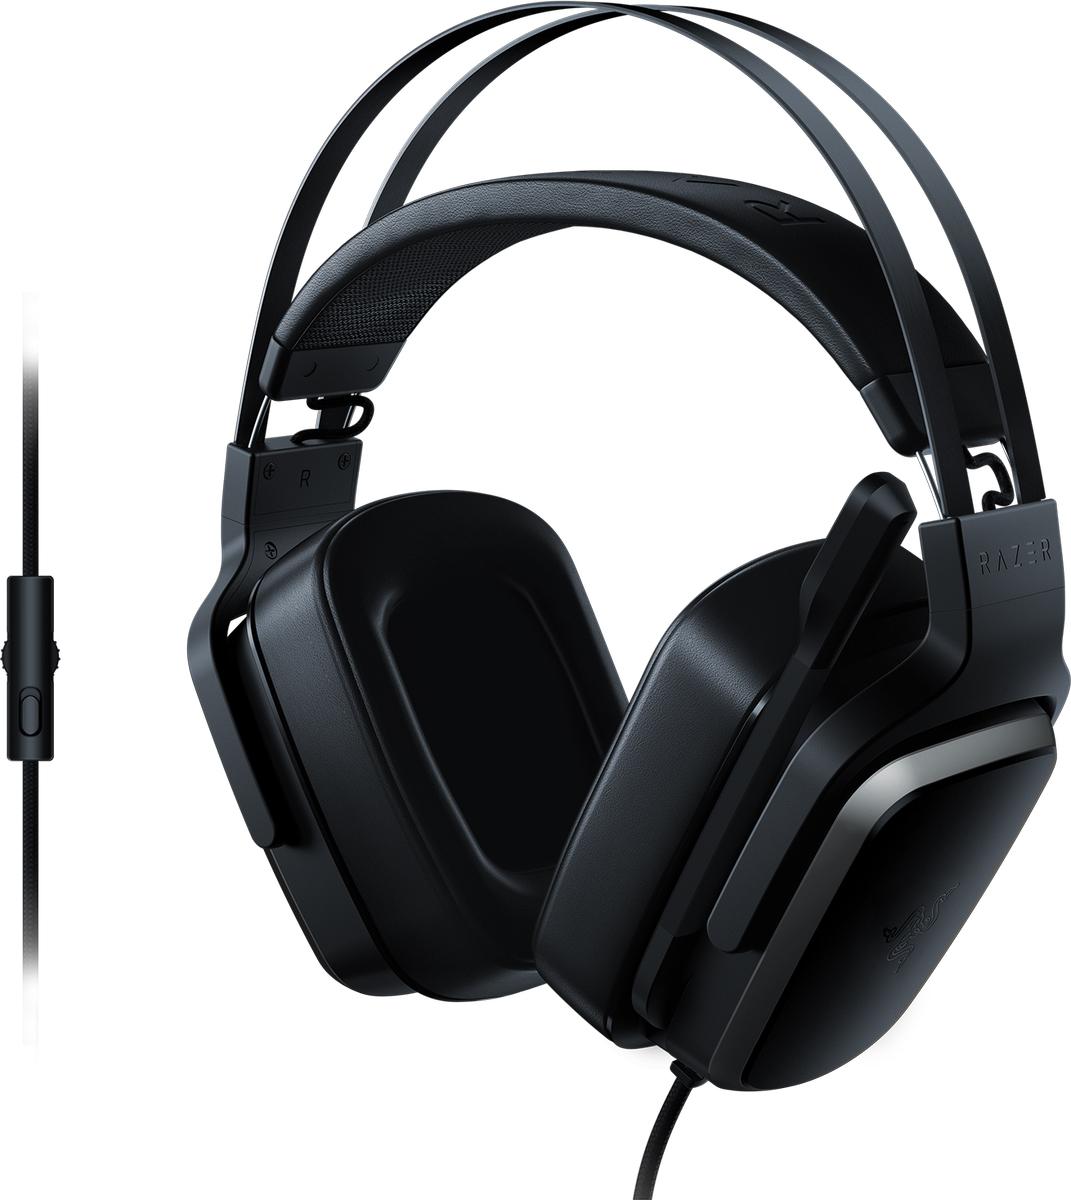 Razer Tiamat 2.2 V2 игровая гарнитураRZ04-02080100-R3M1Хотите услышать грохот в джунглях и воспроизводить самые глубокие басы? Выбирайте Razer Tiamat 2.2 V2!Эта мощнейшая игровая гарнитура оснащена дополнительными басовыми динамиками в каждой чашке наушников, чтобы максимально прокачать звук в ваших любимых играх.Кроме того, благодаря программе Razer Surround для создания виртуального объемного звука 7.1, вы услышите каждый шорох вокруг вас с абсолютной четкостью и сможете использовать это для получения тактического преимущества в игре.Уникальная особенность Razer Tiamat 2.2 V2 — не один, а два басовых динамика в каждой чашке наушников, чтобы каждый взрыв или автоматная очередь во время игры чувствовались как удар под дых.Результатом многих лет эргономических разработок и проверок профессиональными геймерами стала уникальная конструкция оголовья Razer Tiamat 2.2 V2 с оптимальным распределением веса и уменьшенной силой сжатия оголовья. Благодаря амбушюрам из превосходной искусственной кожи вы ощутите настоящий комфорт и отсечете все ненужные звуки.Гарнитура Razer Tiamat 2.2 V2 позволяет погрузиться в виртуальный объемный звук игры и улучшает восприятие ситуации на слух. Вы всегда услышите, где находится враг или друг, чтобы нанести точный удар. Кроме того, объемный звук можно настроить под себя с помощью Razer Synapse, например, отрегулировать оптимальное размещение аудиоканалов под собственные предпочтения.Цифровой микрофон Razer Tiamat 2.2 V2 можно опустить вниз или поднять вверх — когда это вам нужно. Этот однонаправленный микрофон точно воспроизводит естественный звук, и ваши друзья услышат ваш голос таким, каким он и должен быть — голосом победителя.Быстро управляйте громкостью или отключайте микрофон, не открывая элементы управления на компьютере, чтобы полностью сосредоточиться на игре. В комплект входит удлинительный разделительный кабель для настольных компьютеров и ноутбуков с раздельными разъемами для аудио и микрофона.Как выбрать игровые наушники. Статья 